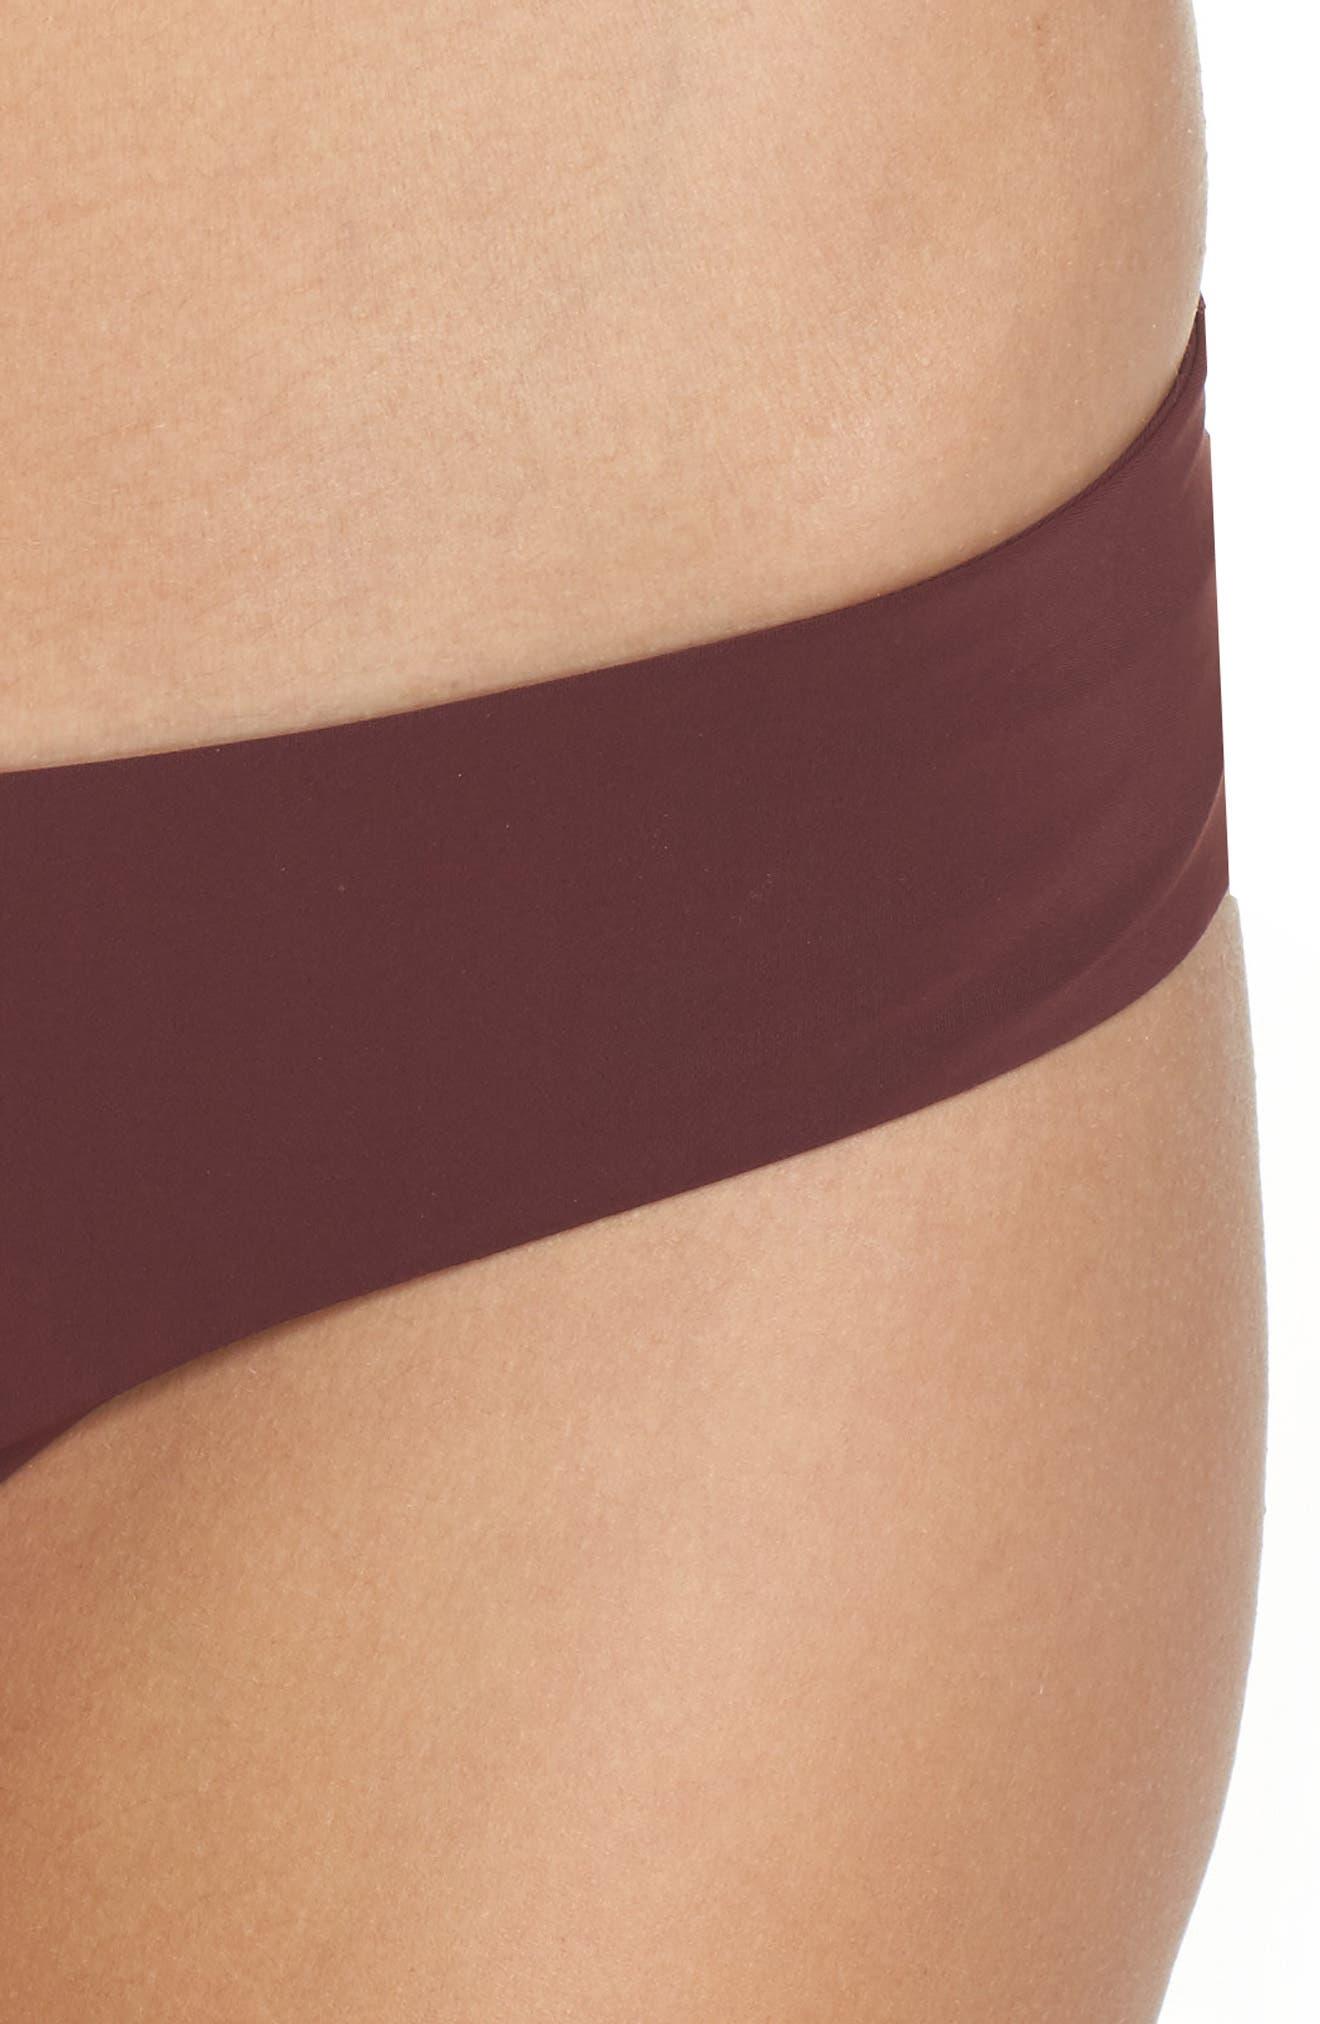 Yaya the Yuppy Bikini Bottoms,                             Alternate thumbnail 4, color,                             Burgundy